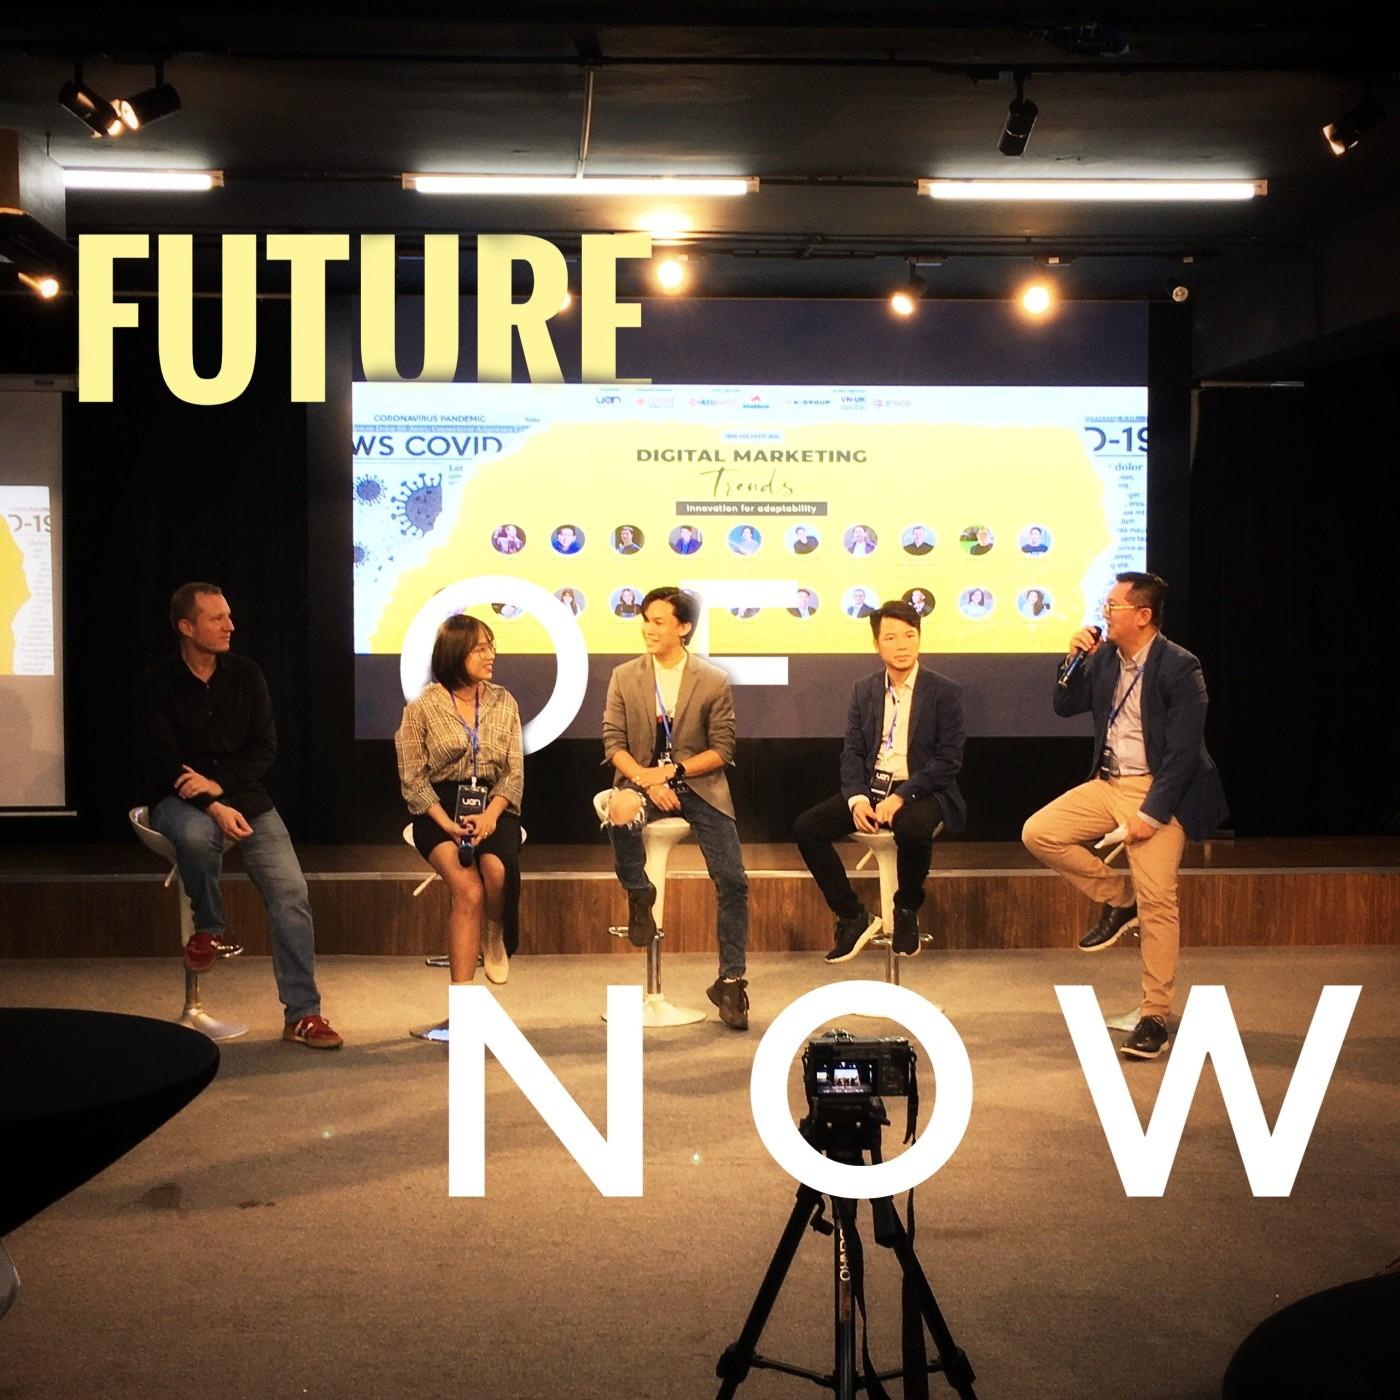 Digital Marketing Trends 2021 ở Việt Nam